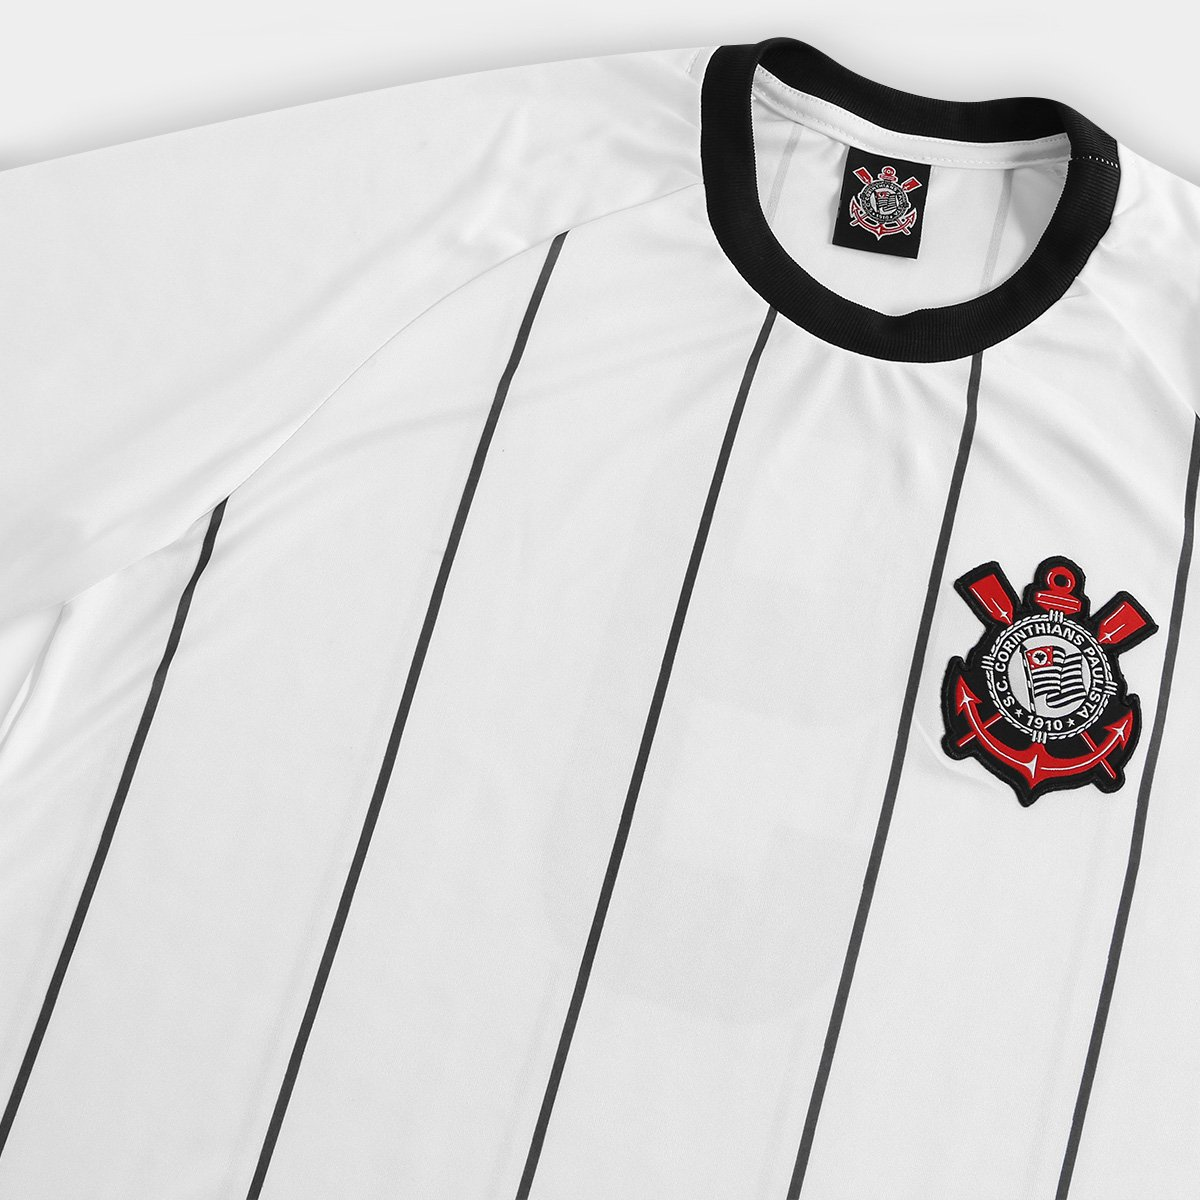 5094353871 ... Camisa Corinthians Fenomenal - Edição Limitada Torcedor C Patch  Masculina